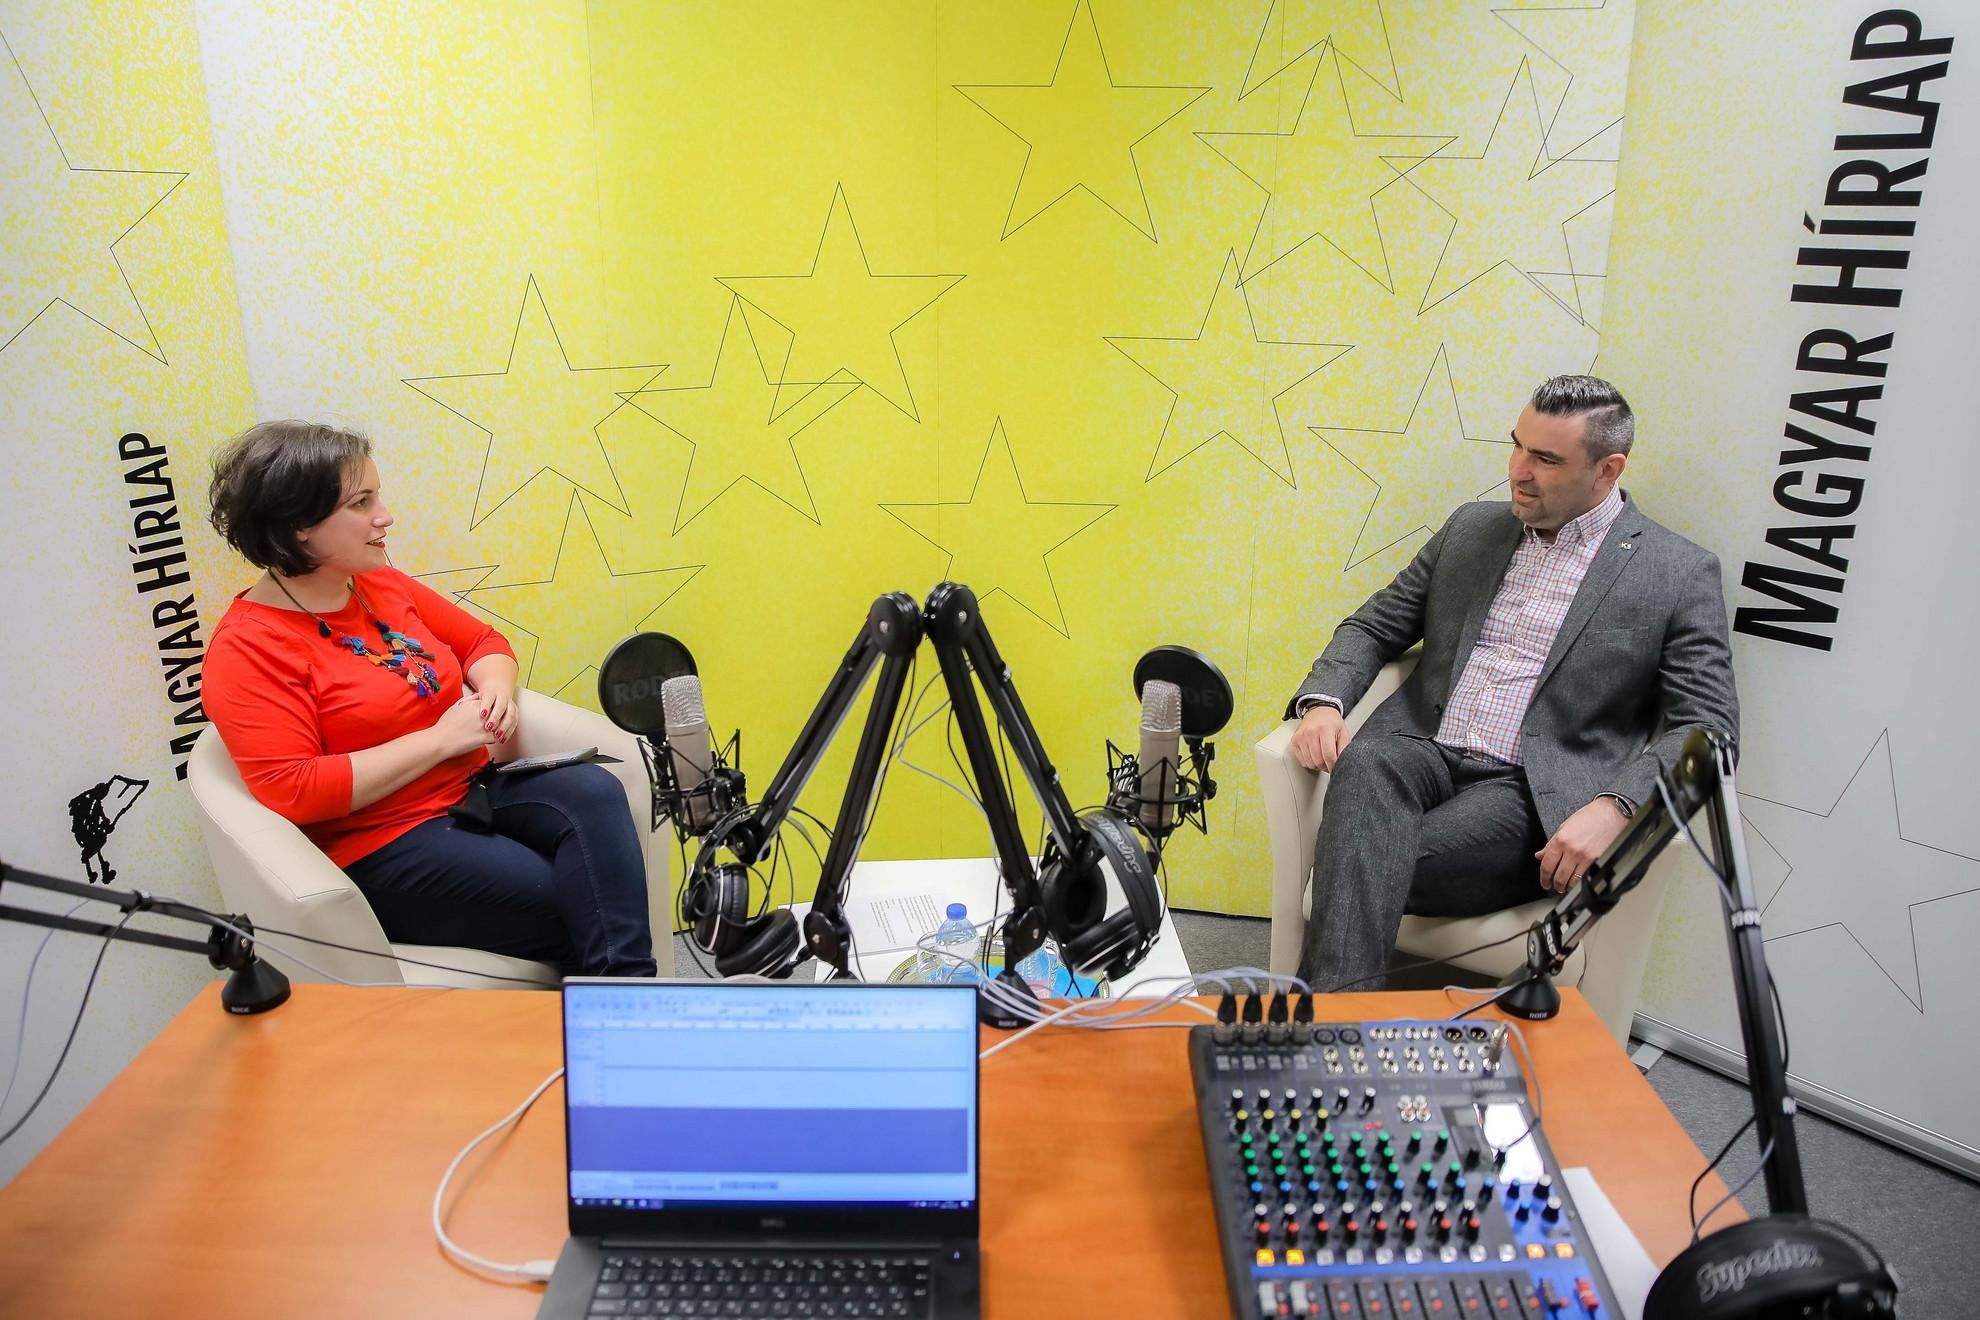 Lapunk főmunkatársa, Őry Mariann és ifj. Lomnici Zoltán, a Századvég jogi szakértője a Faktum műsorának felvételén